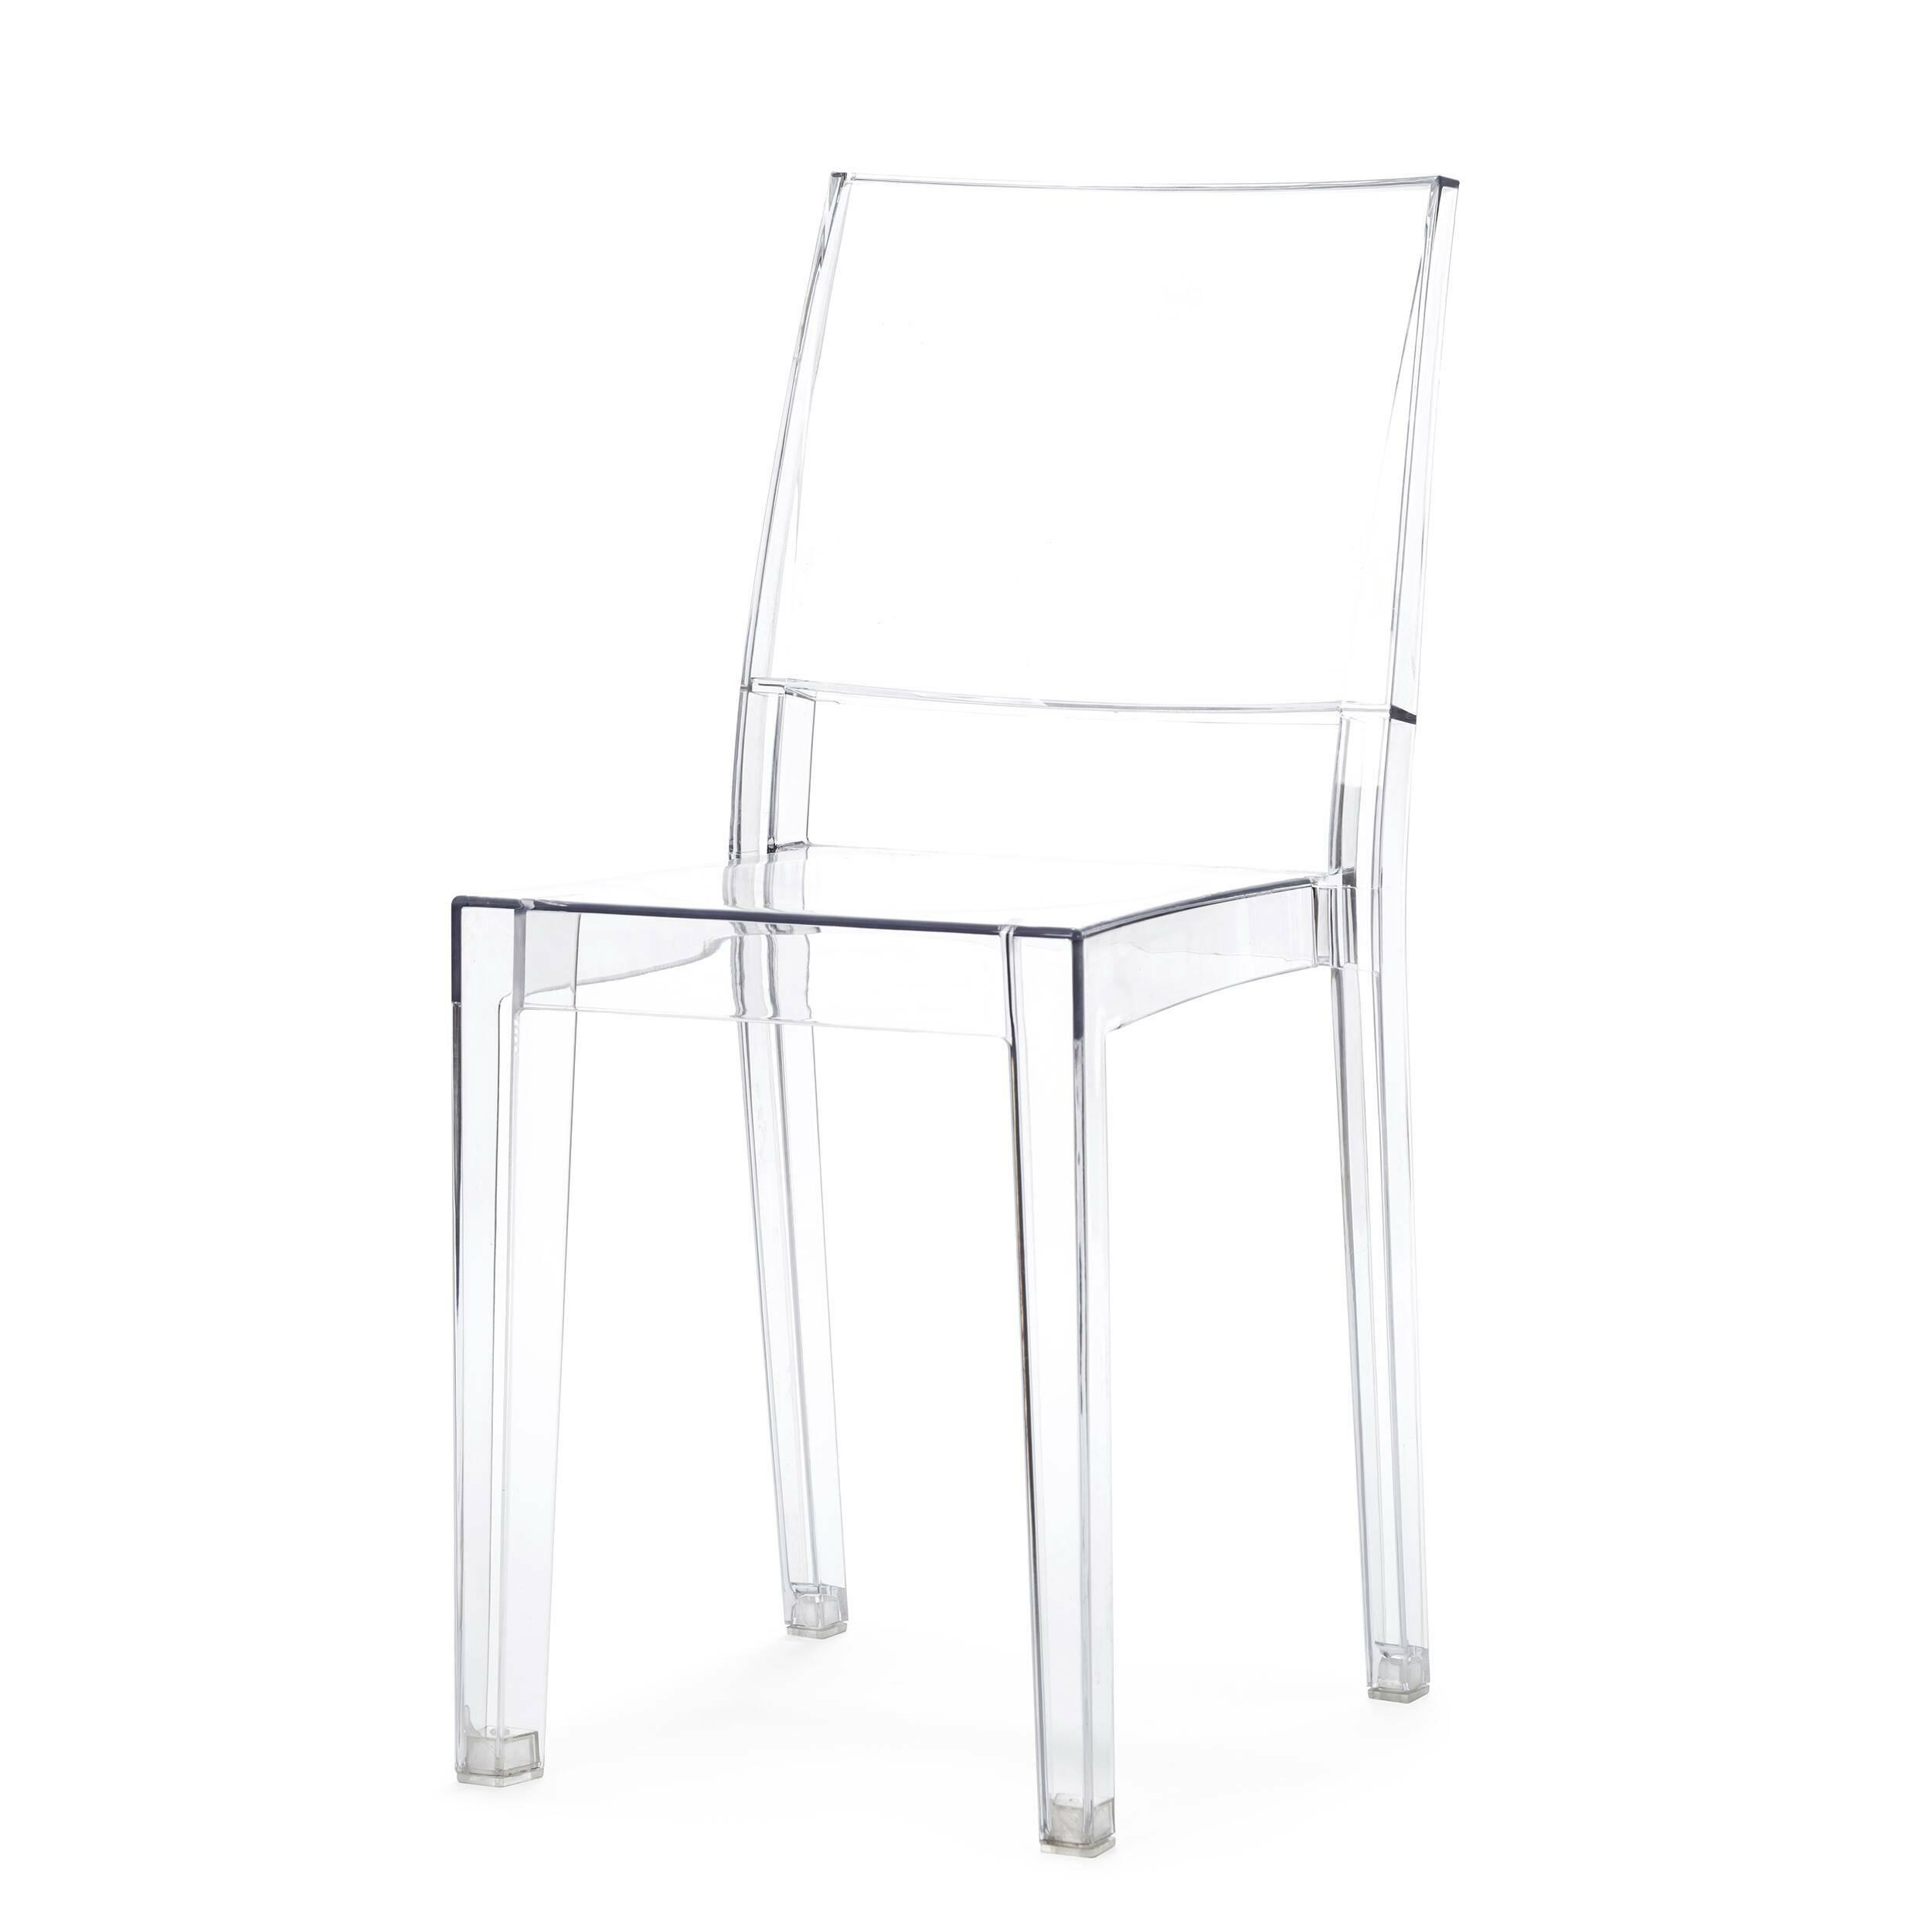 Стул La MarieИнтерьерные<br>Дизайнерский прозрачный легкий стул La Marie (Ля Мари) из поликарбоната классической формы от Cosmo (Космо).<br><br> Стул La Marie объединяет в себе строгую геометричность, но при этом легкость и неосязаемость. Стул La Marie сделан из прозрачного поликарбоната, но выглядит так, словно выточен из тончайшего хрусталя или оказался перед нами прямиком из сказки про «Снежную королеву». Он подходит для декорирования современных интерьеров в стиле хай-тек или китч.<br><br><br>     Первый в мире прозрачный сту...<br><br>stock: 0<br>Высота: 85,5<br>Высота сиденья: 48<br>Ширина: 41<br>Глубина: 53,5<br>Материал каркаса: Поликарбонат<br>Тип материала каркаса: Пластик<br>Цвет каркаса: Прозрачный